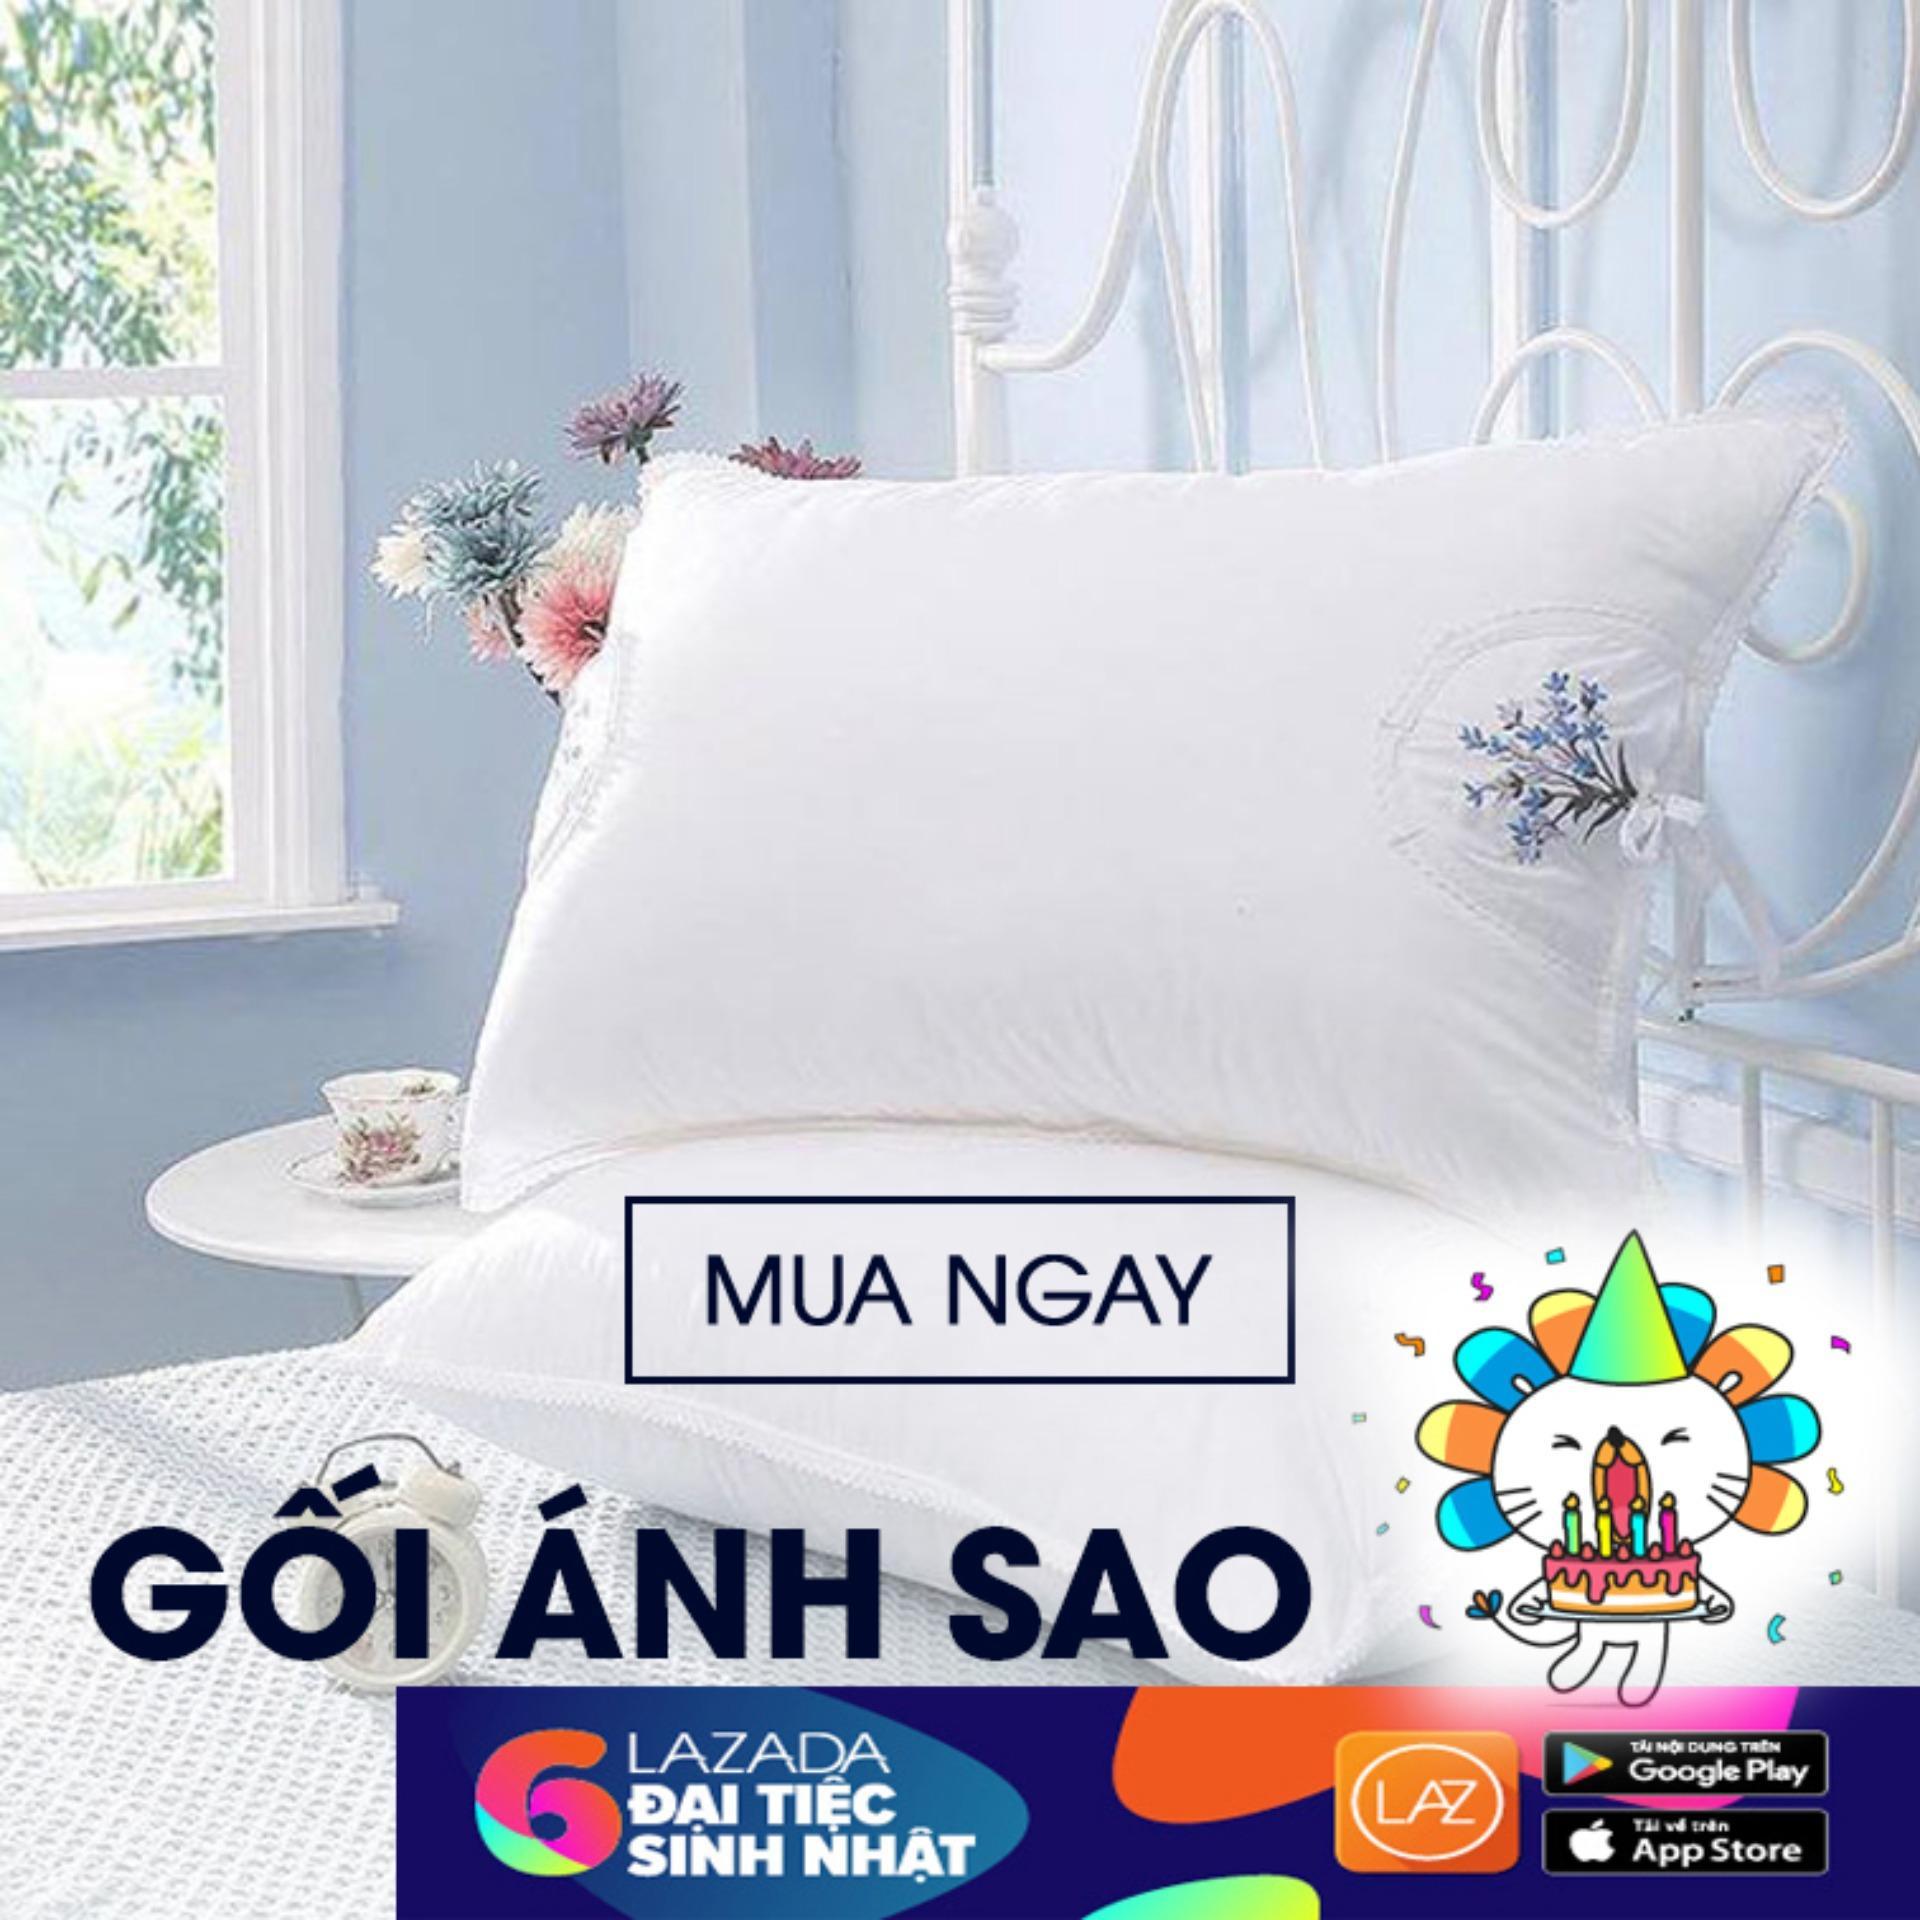 Bán Cặp Gối Hơi Cao Cấp Anh Sao 50X70Cm Rẻ Trong Hồ Chí Minh